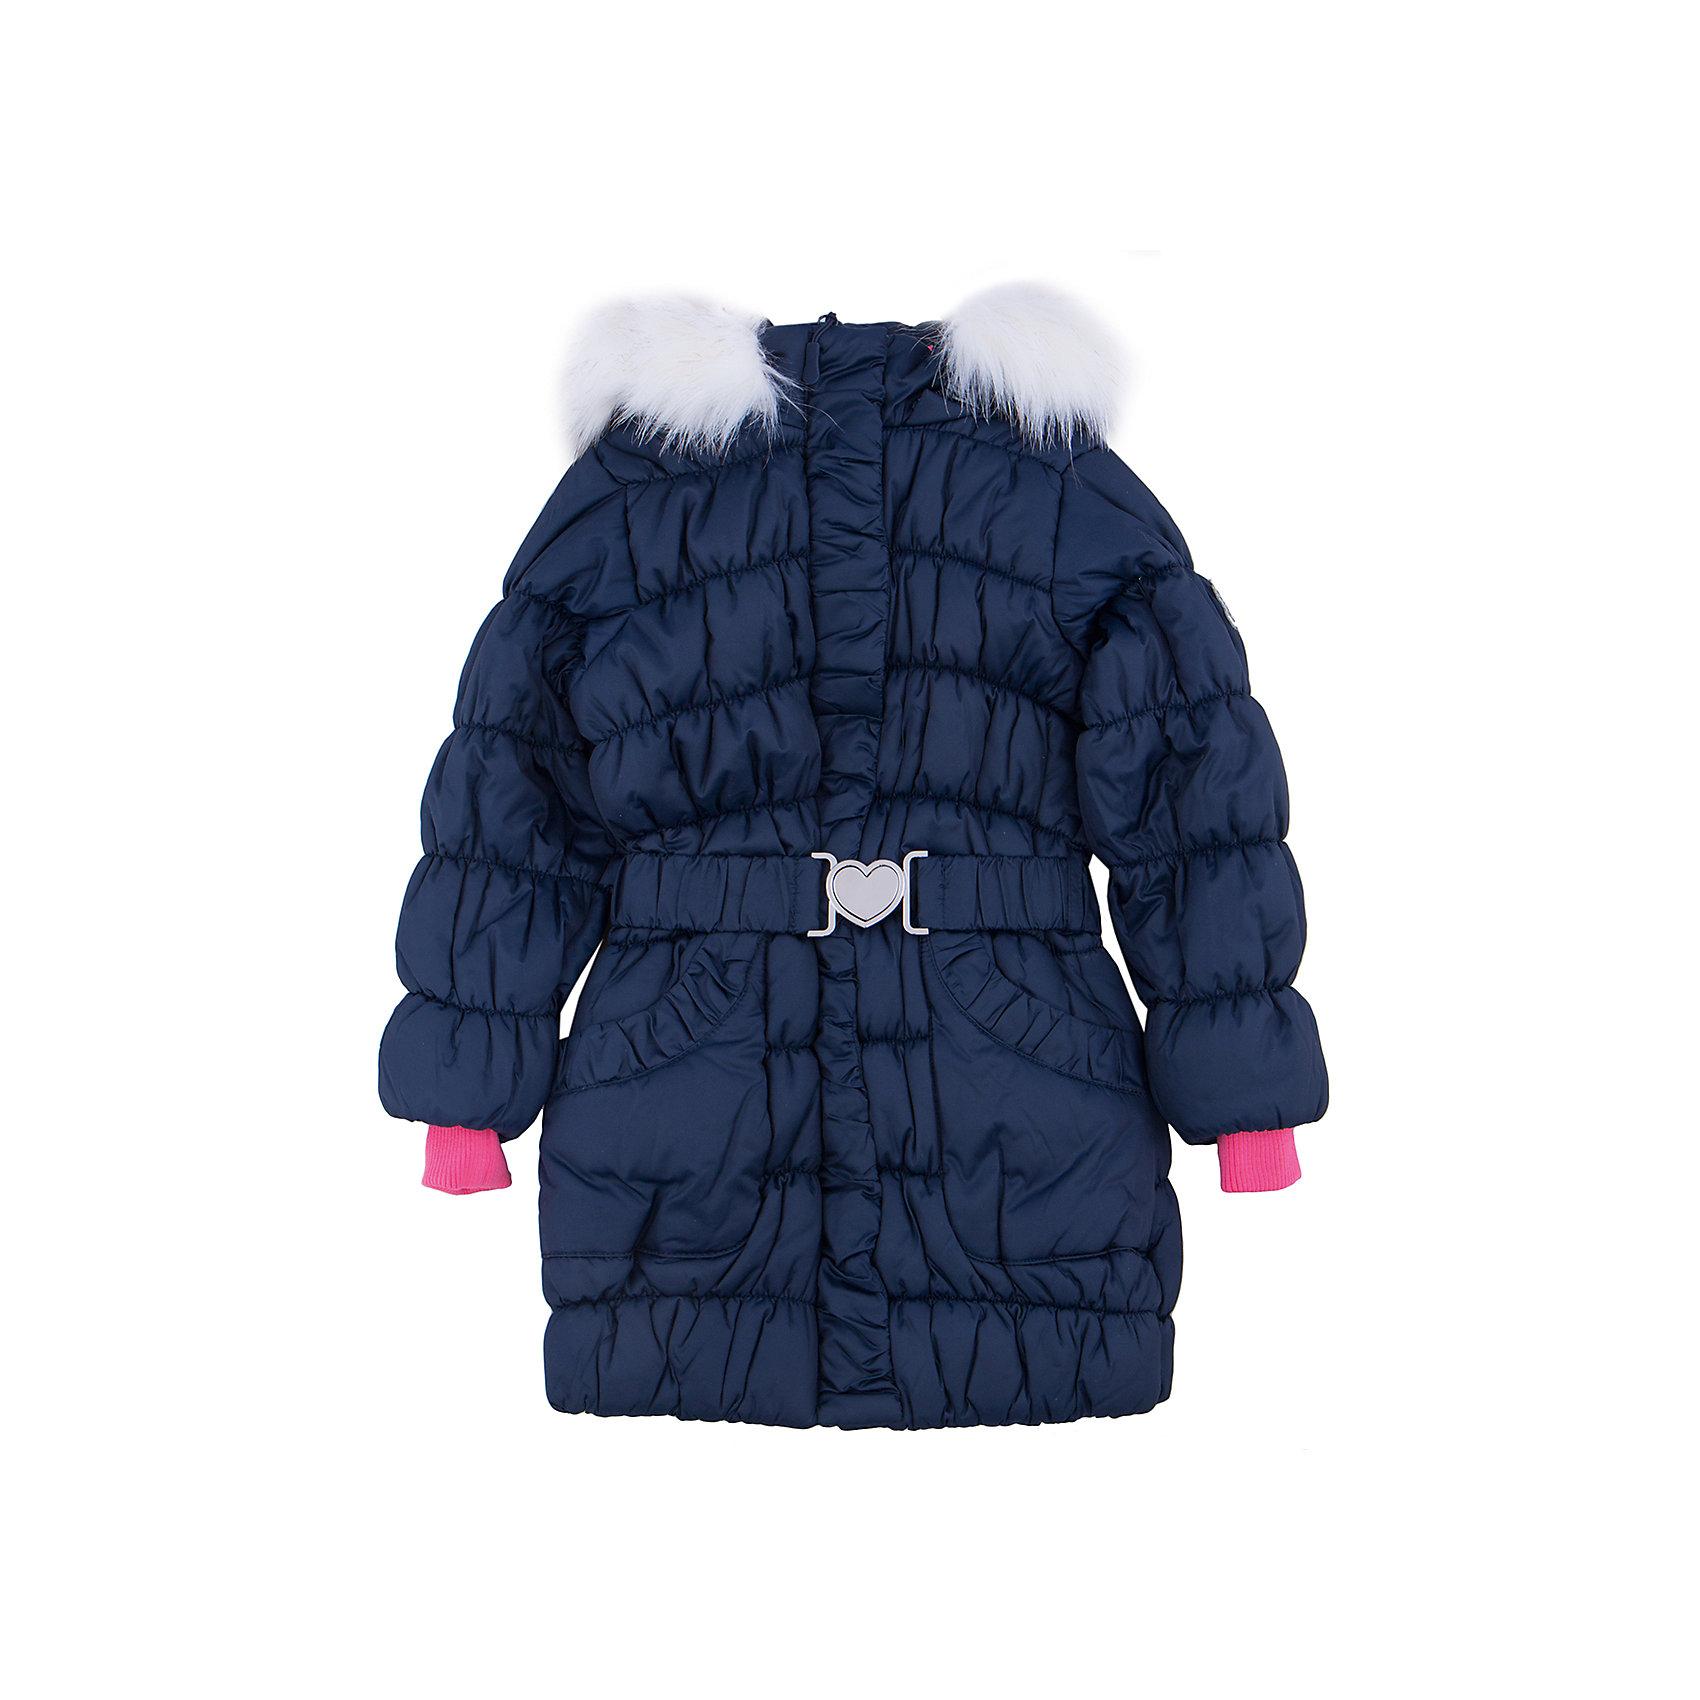 Пальто для девочки PlayTodayВерхняя одежда<br>Пальто для девочки от известного бренда PlayToday.<br>Теплое удлиненное пальто. Рукава и пояс на резинке. Застегивается на молнию, есть два функциональных кармана. Капюшон украшен искусственным белым мехом.<br>Состав:<br>Верх: 100% полиэстер, Подкладка: 100% полиэстер, Наполнитель: 100% полиэстер, 260 г/м2<br><br>Ширина мм: 356<br>Глубина мм: 10<br>Высота мм: 245<br>Вес г: 519<br>Цвет: синий<br>Возраст от месяцев: 36<br>Возраст до месяцев: 48<br>Пол: Женский<br>Возраст: Детский<br>Размер: 104,122,128,98,110,116<br>SKU: 4897976